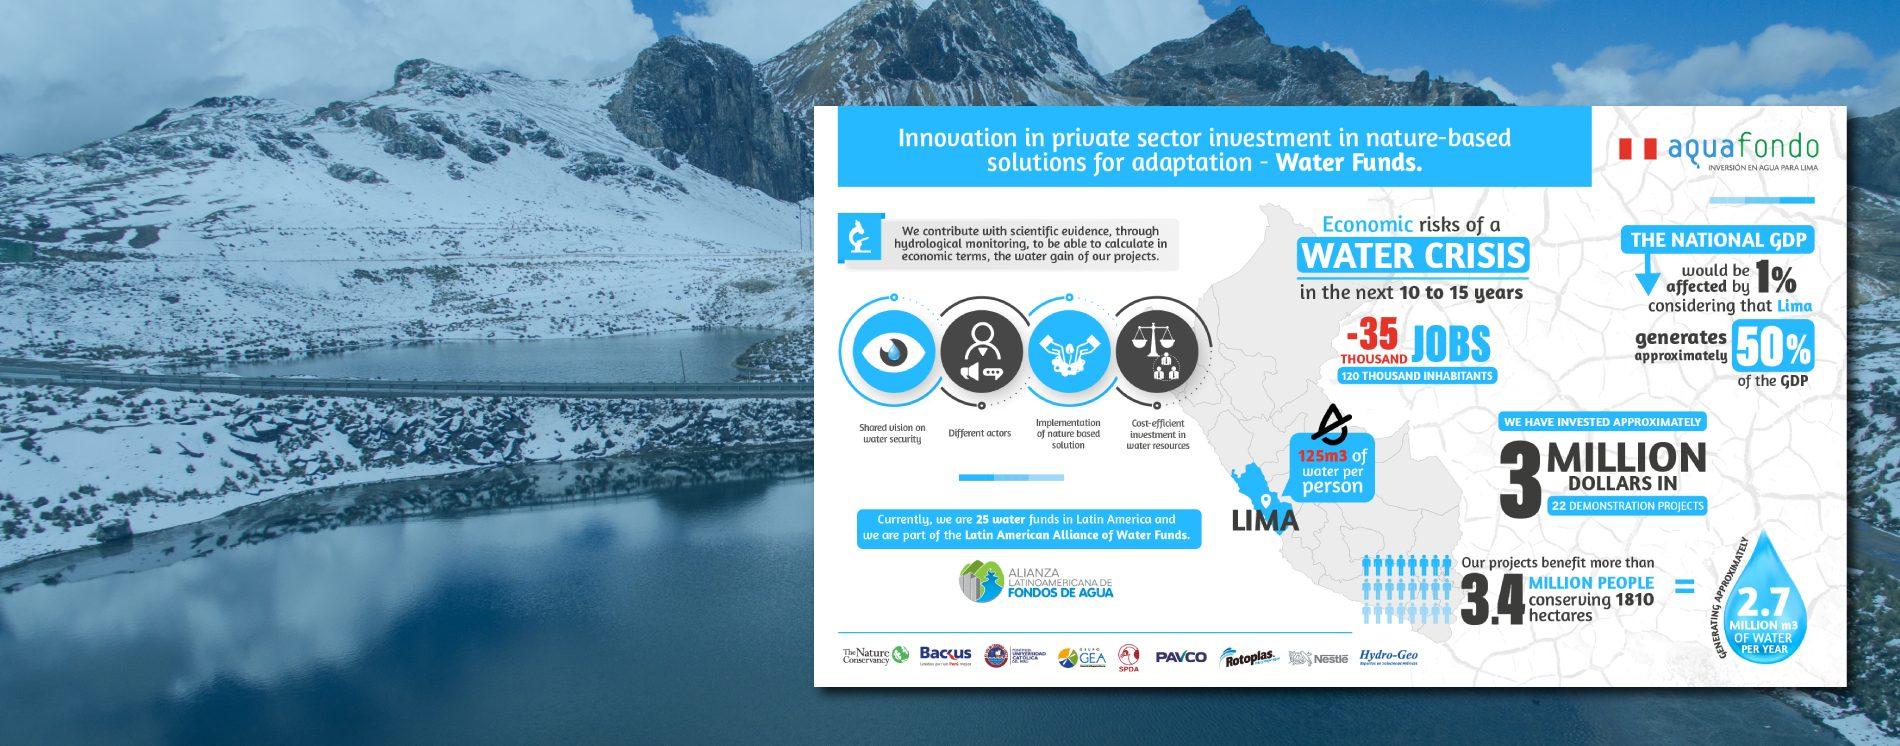 Aquafondo representa a Sudamérica durante el evento internacional Modelos de financiación innovadores para las Soluciones Basadas en la naturaleza